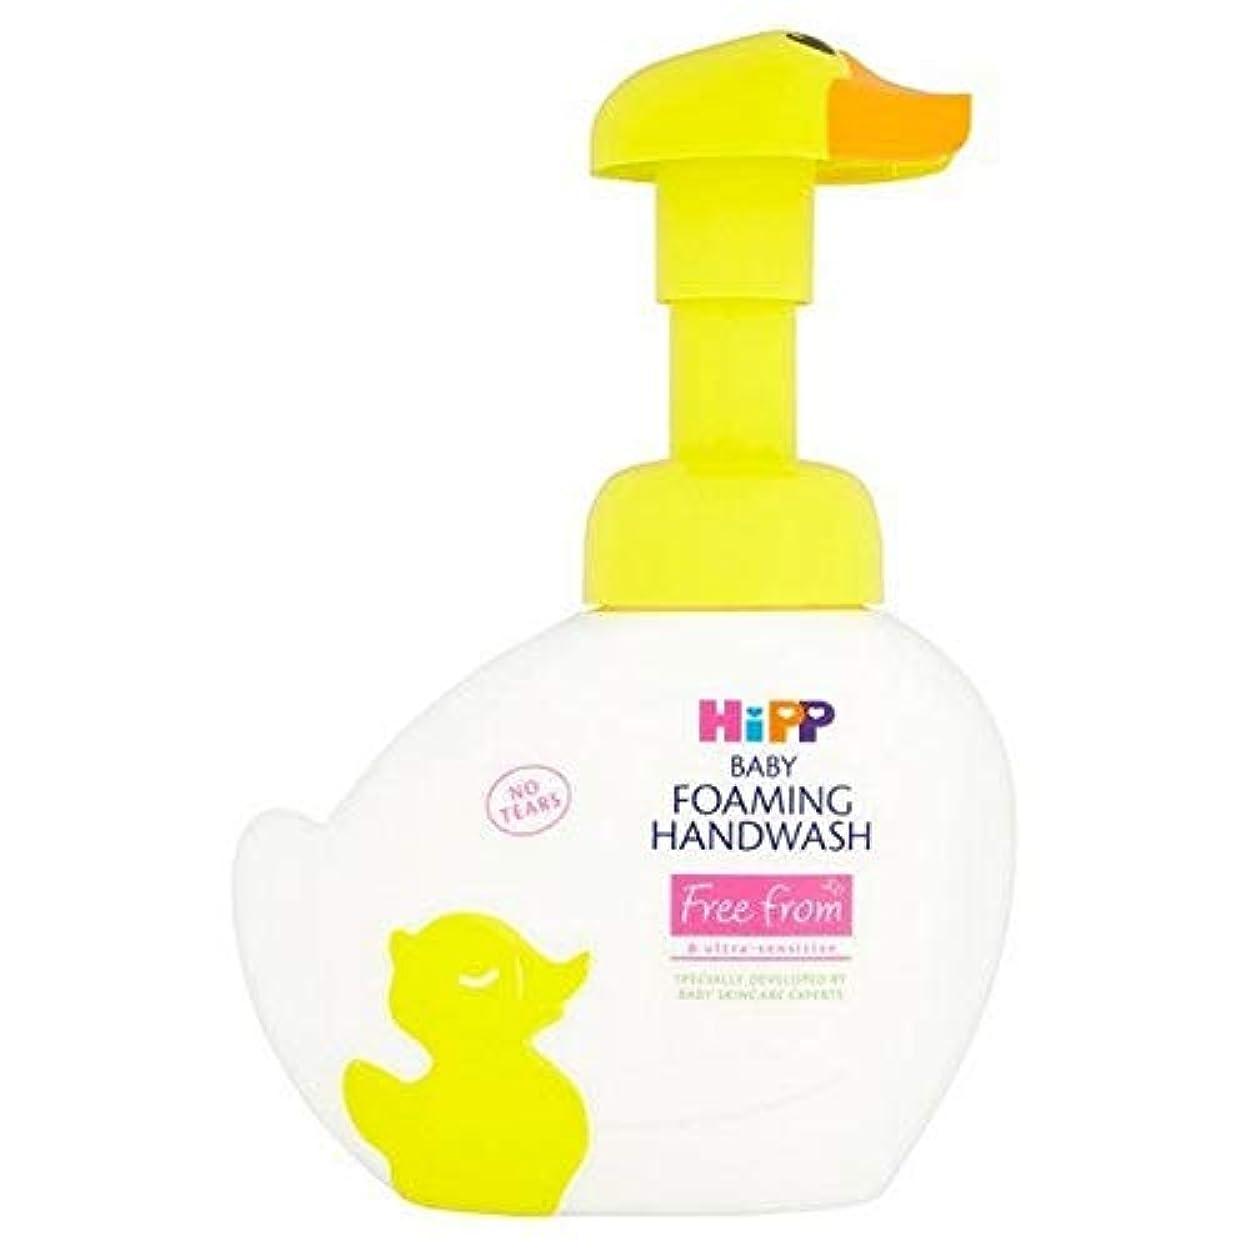 ベストジェット君主制[Hipp ] ヒップ自由手洗いの250ミリリットルを発泡から - HiPP Free From Foaming Handwash 250ml [並行輸入品]